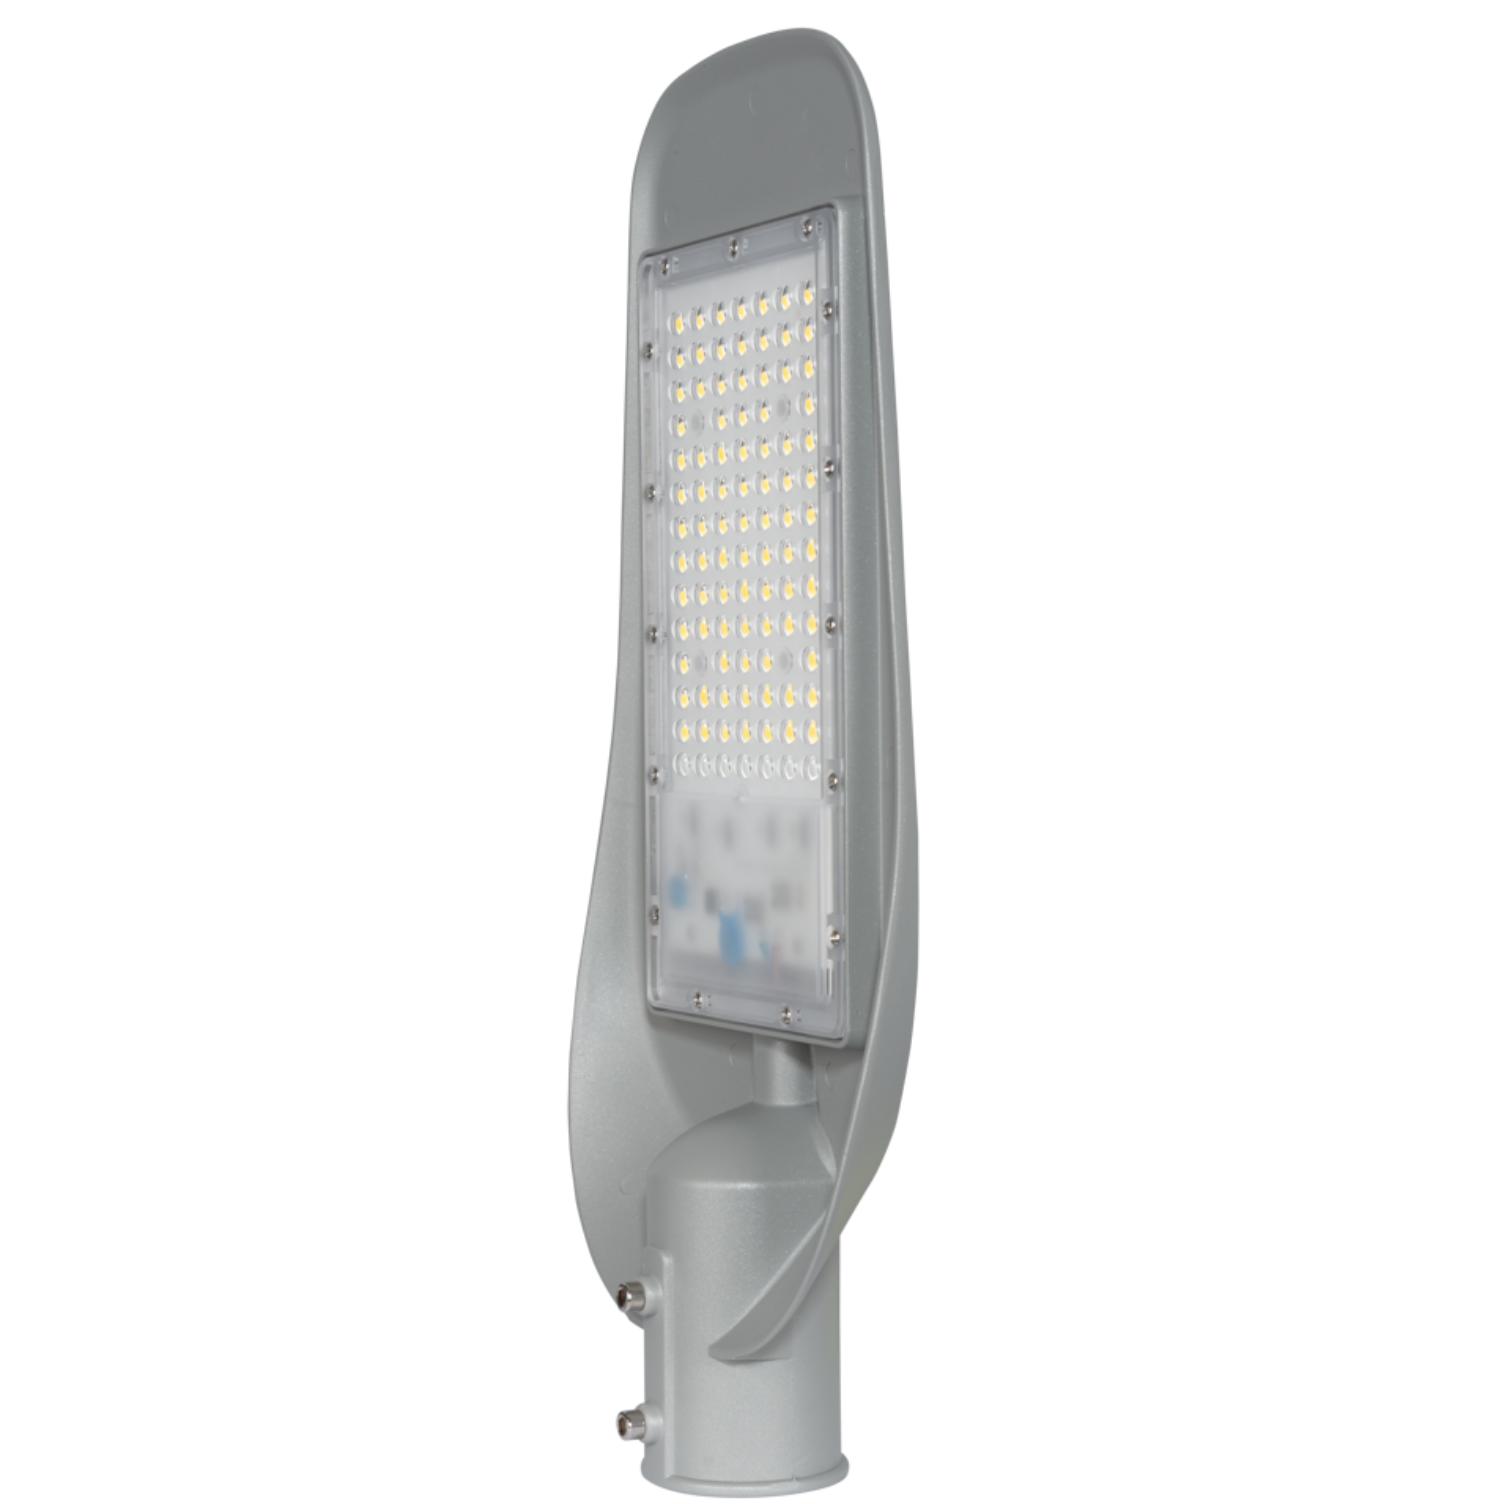 Corp de Iluminat Stradal LED 30W 6400K [4]